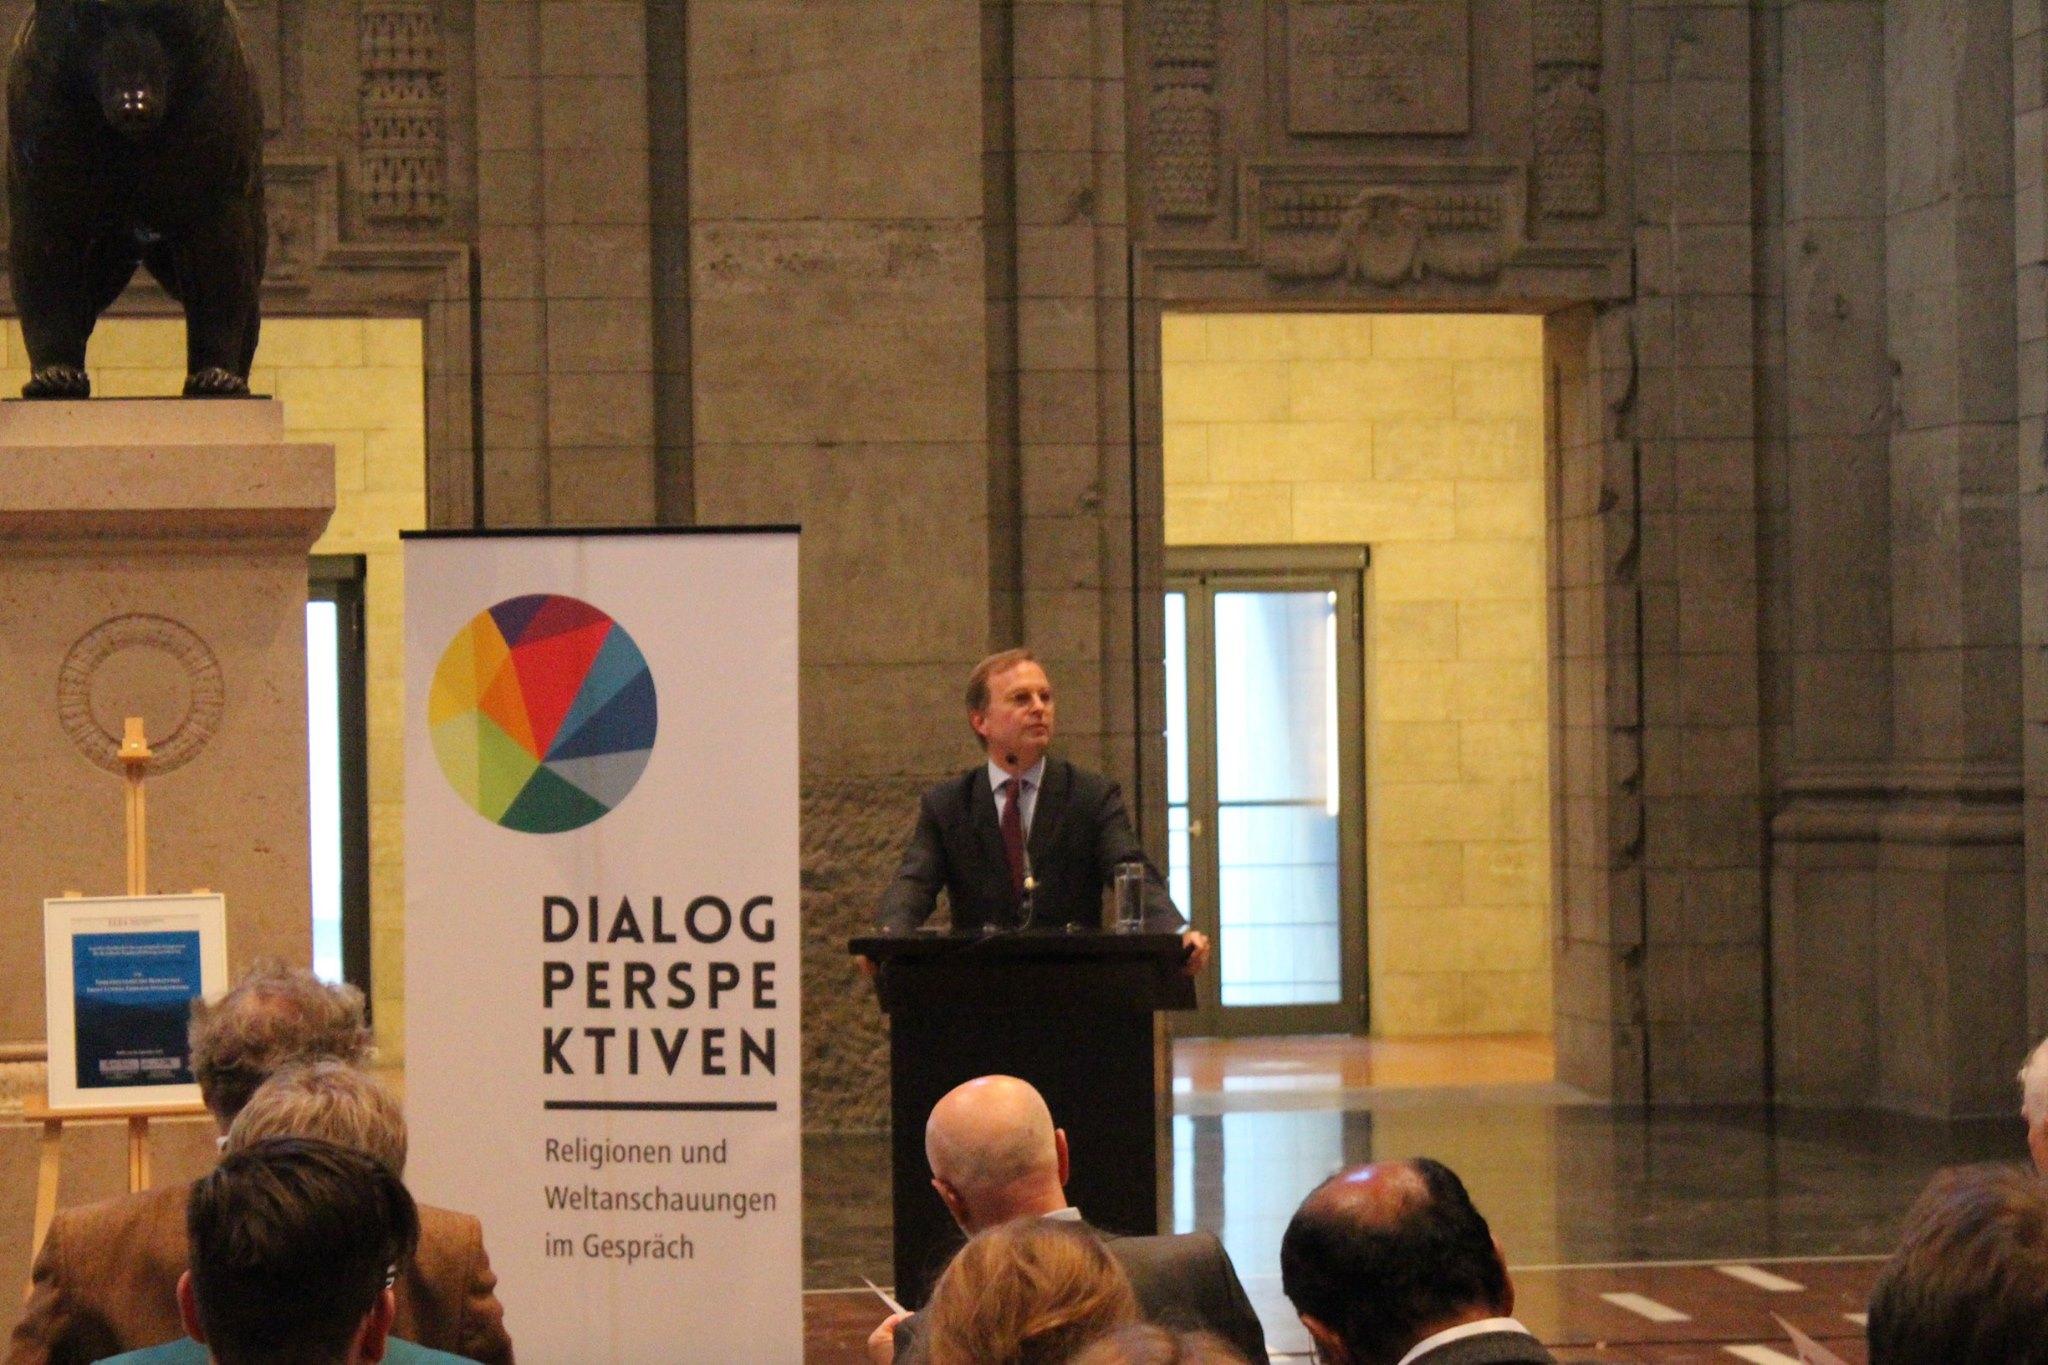 Dialogperspektiven-Auftakt: Staatssekretär Thomas Rachel, MdB, BMBF. Bild: Jonas Fegert